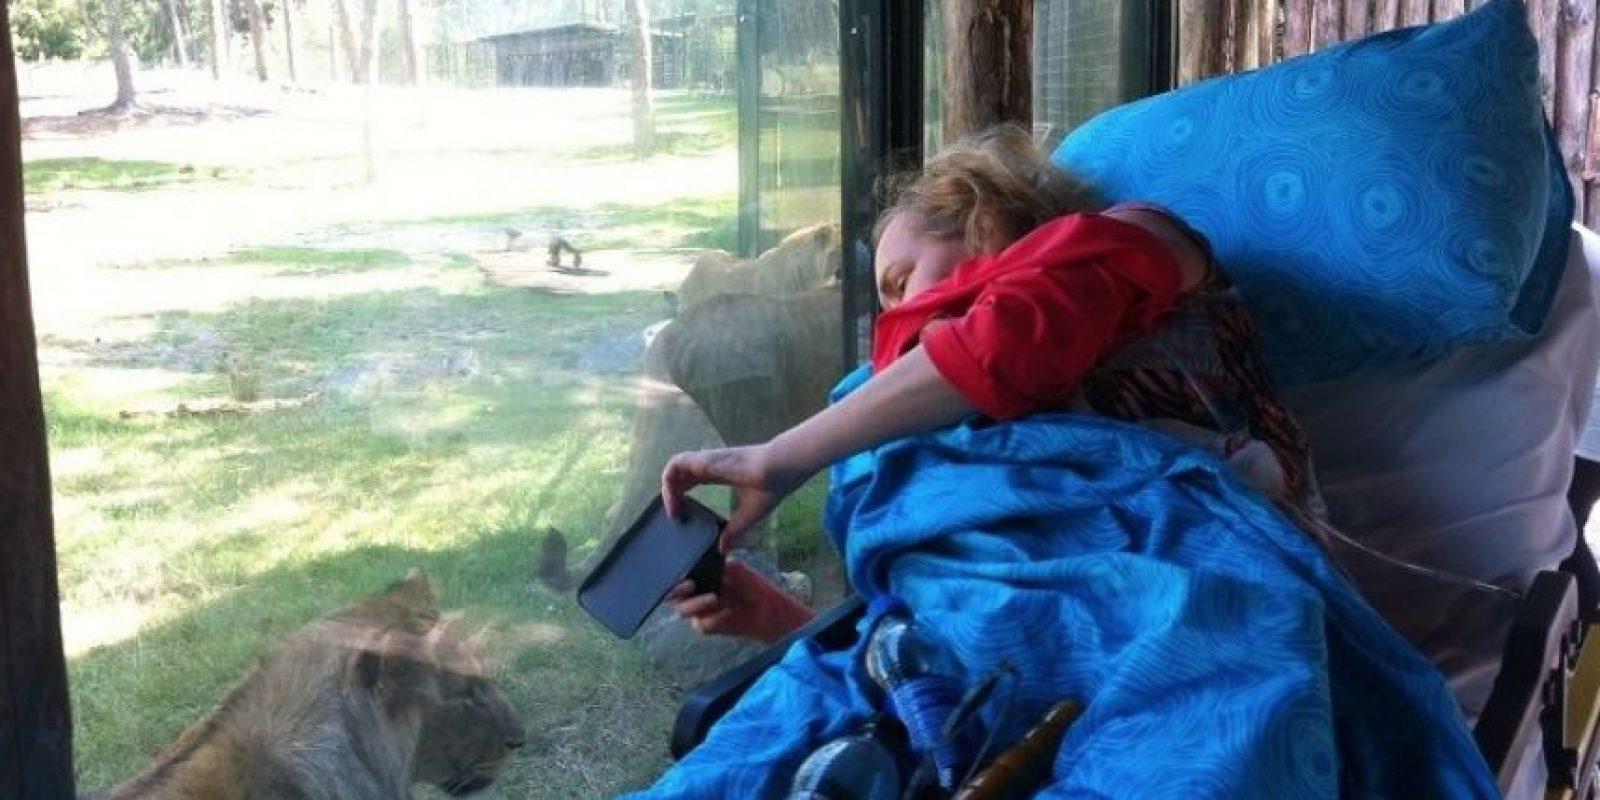 Ir por última vez al Zoológico. Foto:Vía Facebook.com/wensenrijders